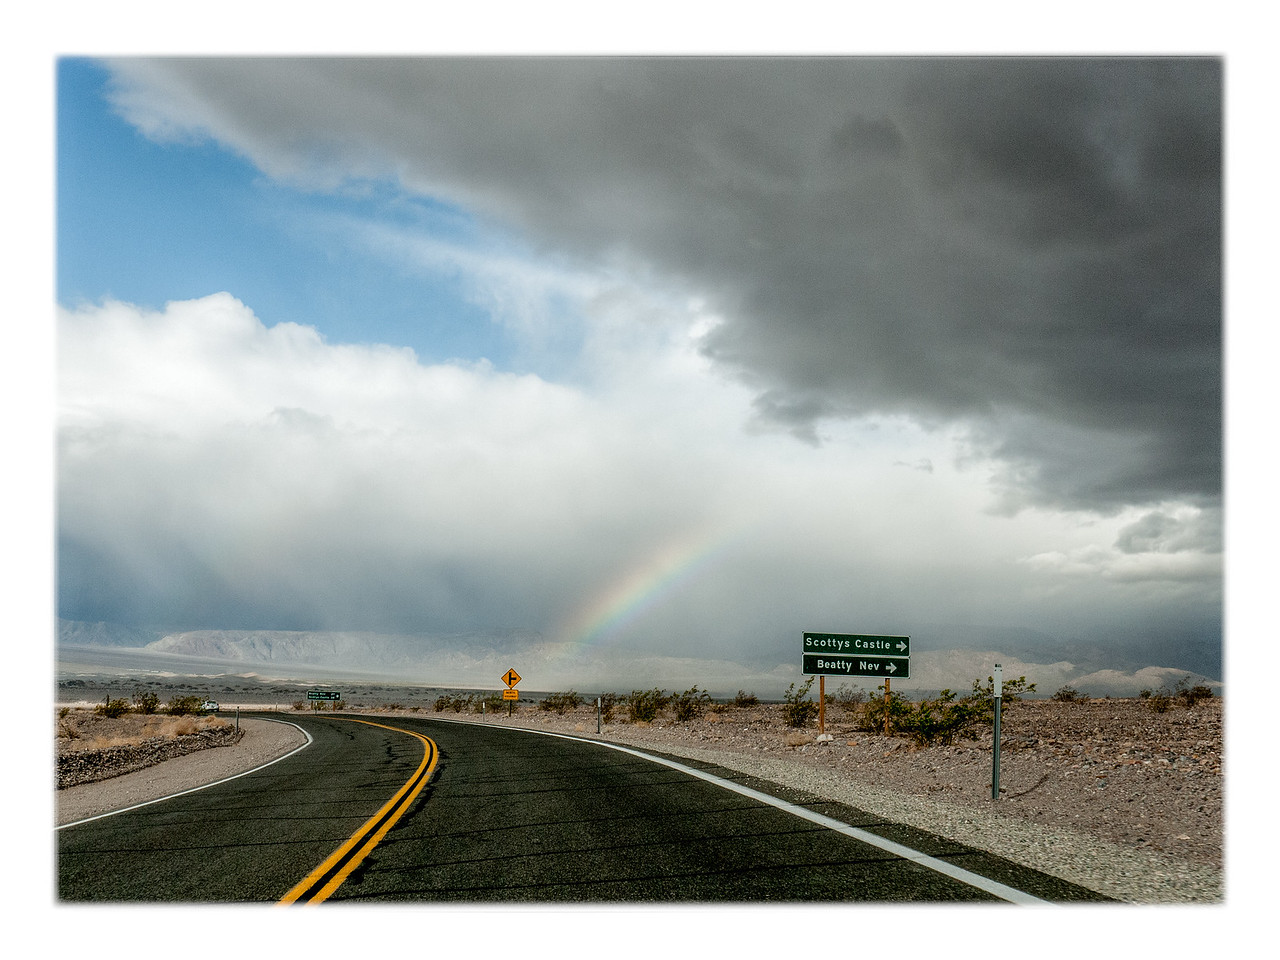 A rainbow glows up ahead.